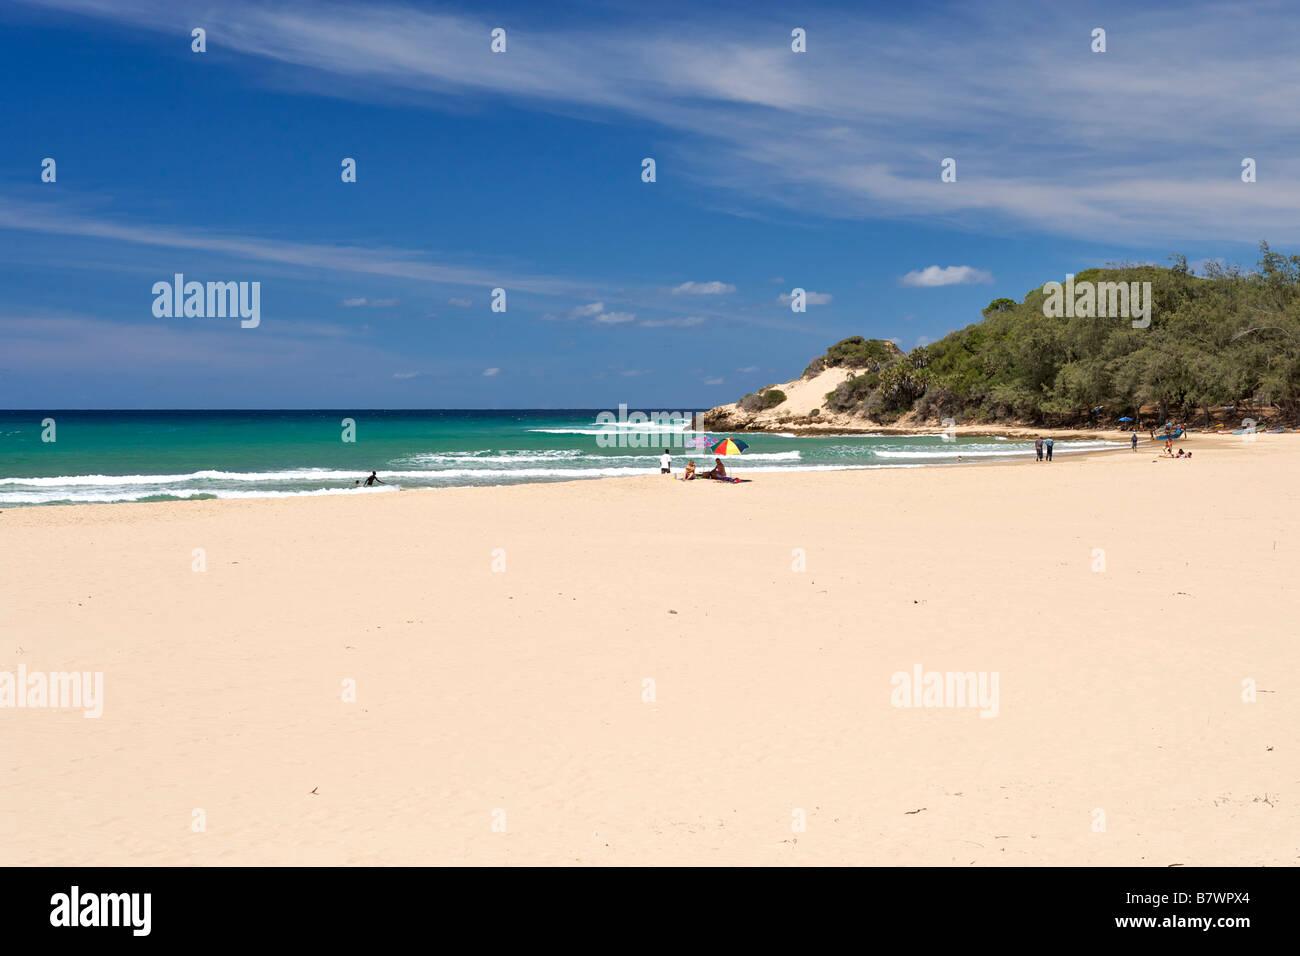 Vista de la playa y costa en Tofo, en el sur de Mozambique. Imagen De Stock